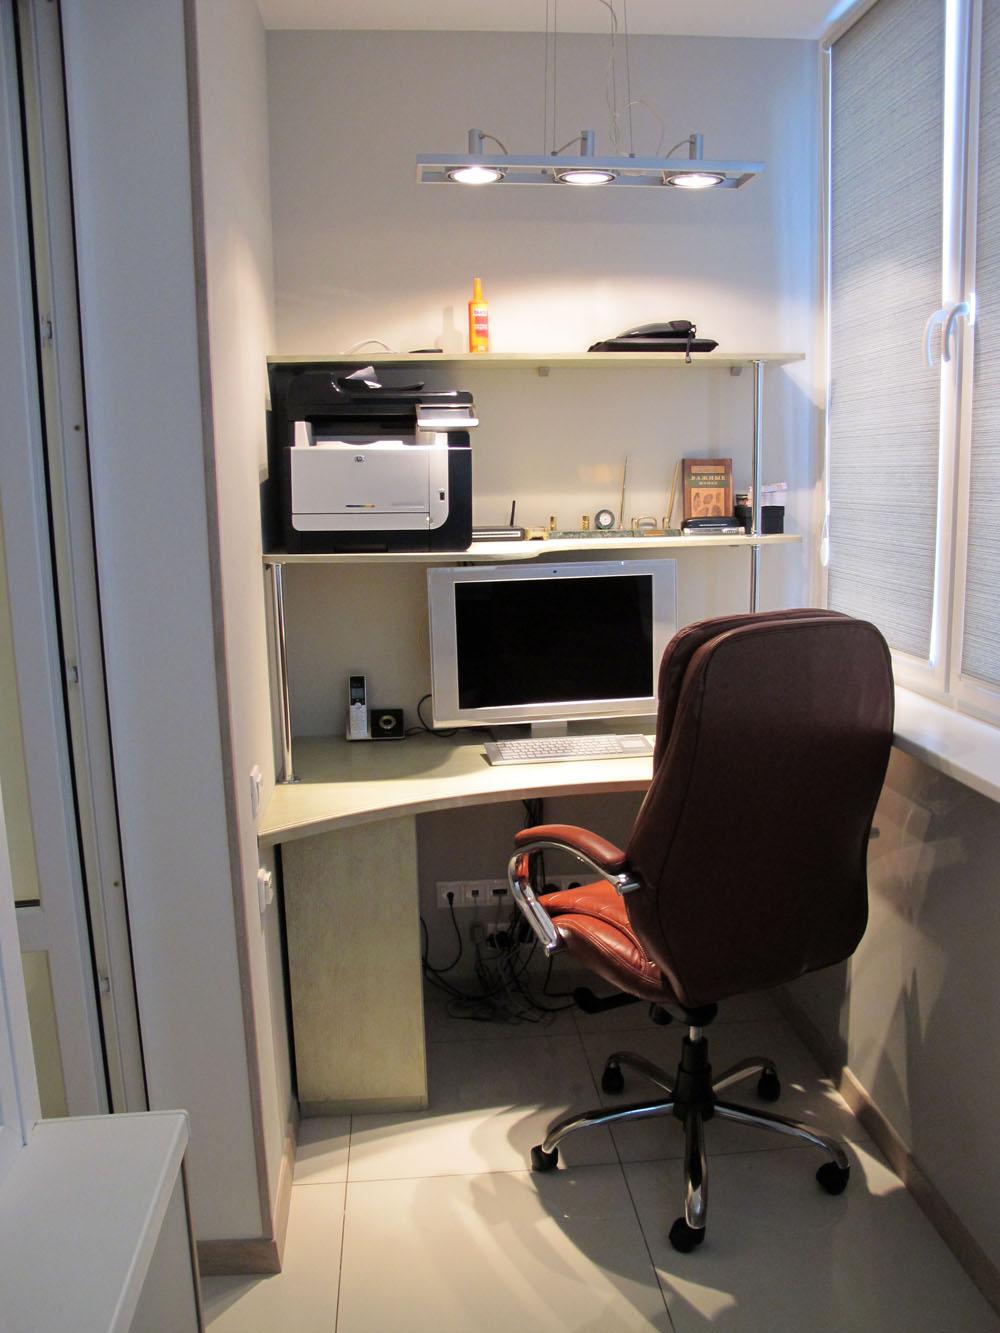 Личный кабинет на балконе за неделю! (+40 фото)